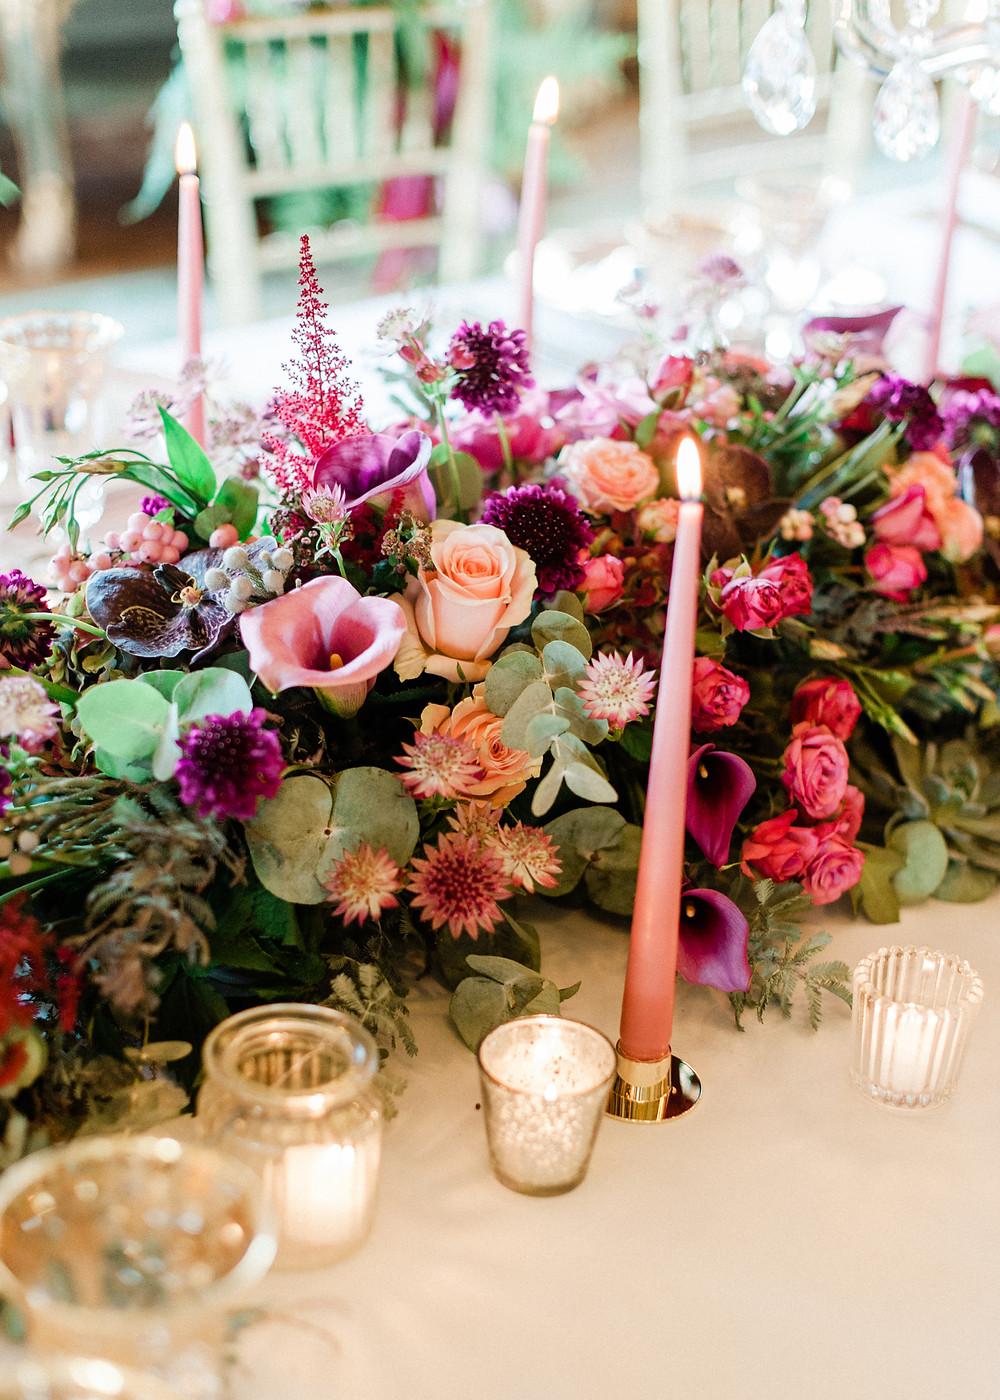 Cliveden House wedding, luxury wedding flowers